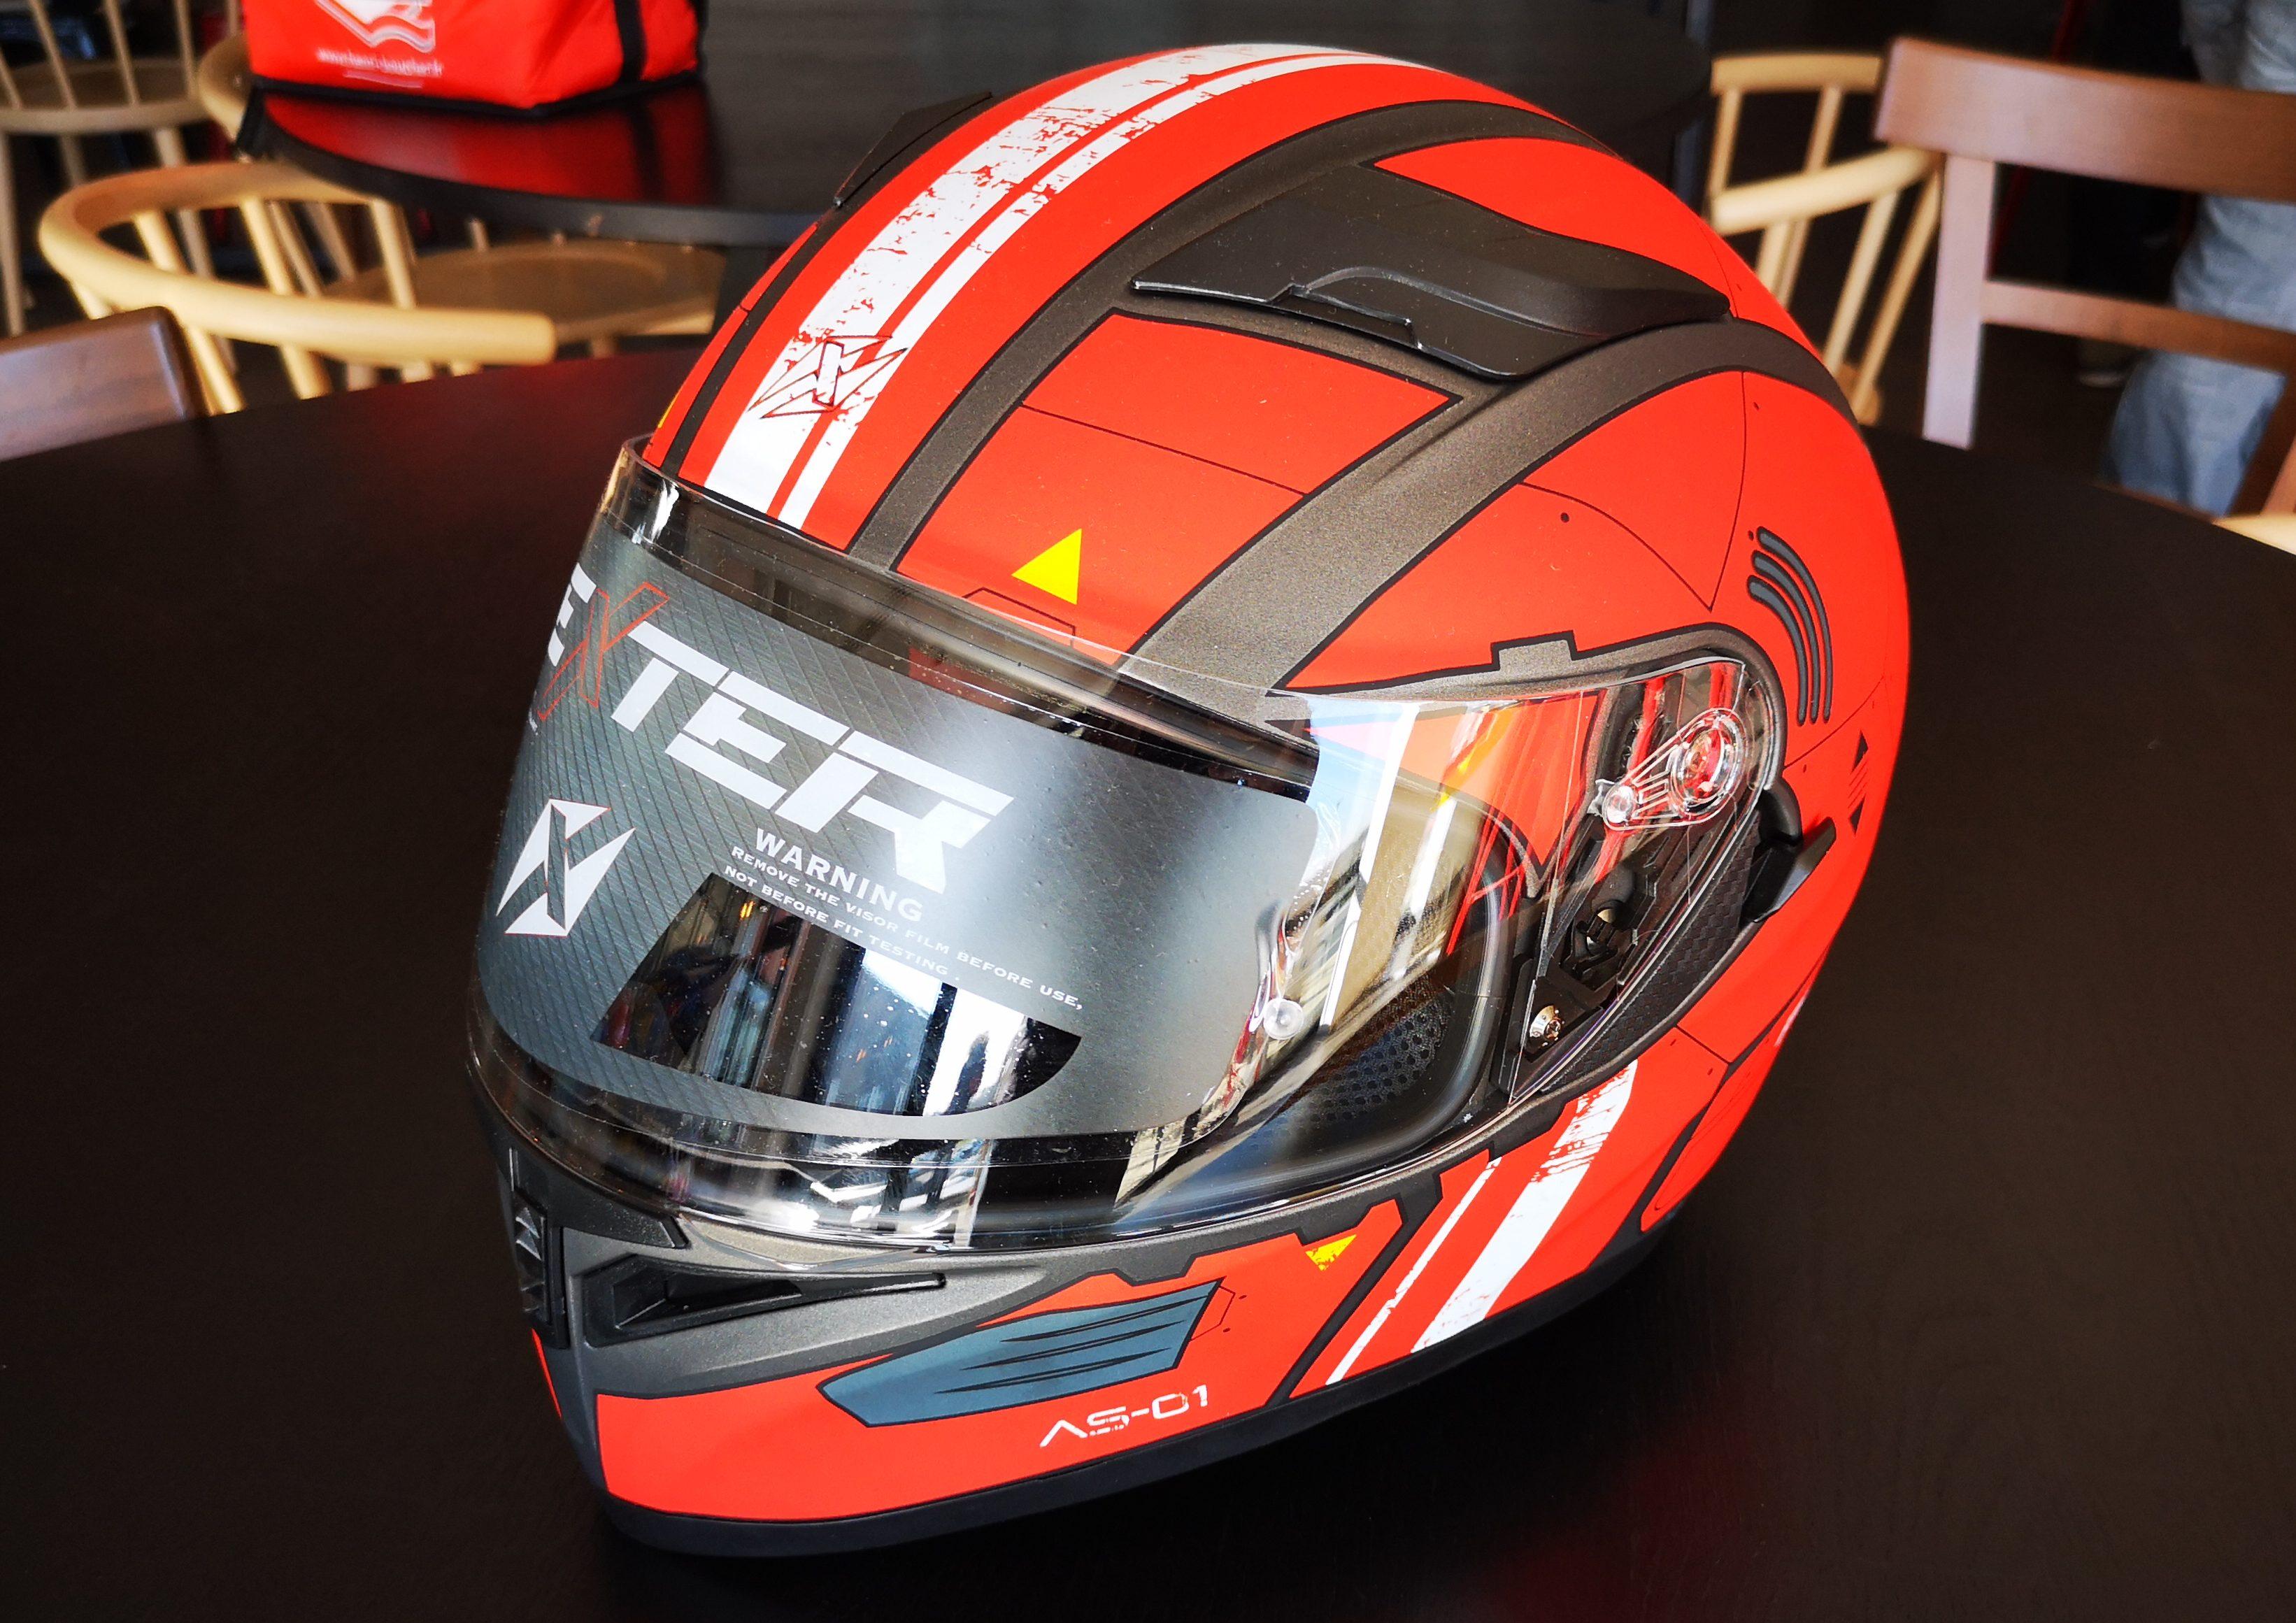 Version rouge, voici un des designs gagnants au concours Pimp My Helmet